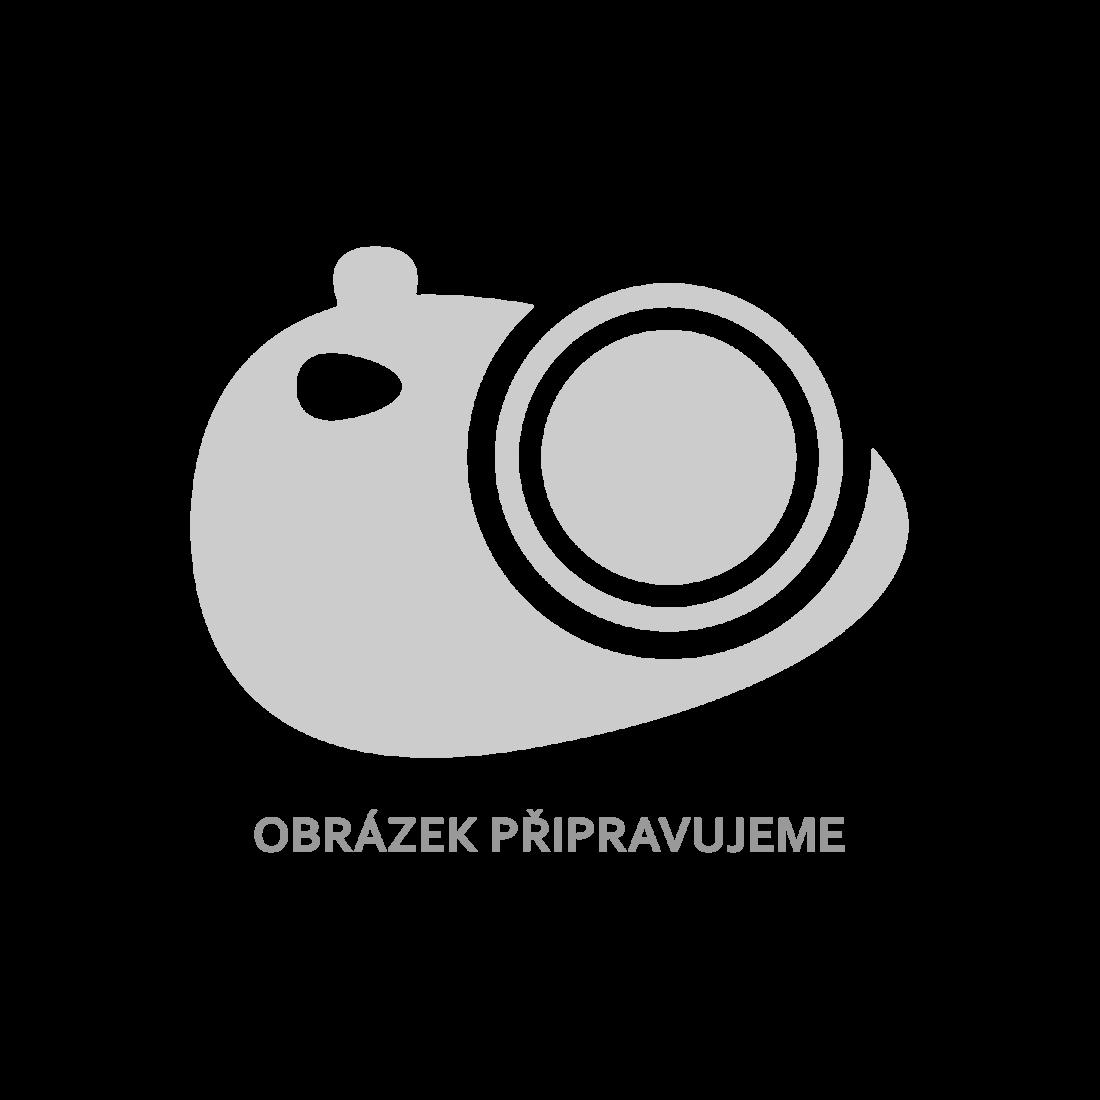 vidaXL Konferenční stolek 90 x 45 x 40 cm masivní mangovníkové dřevo [286523]